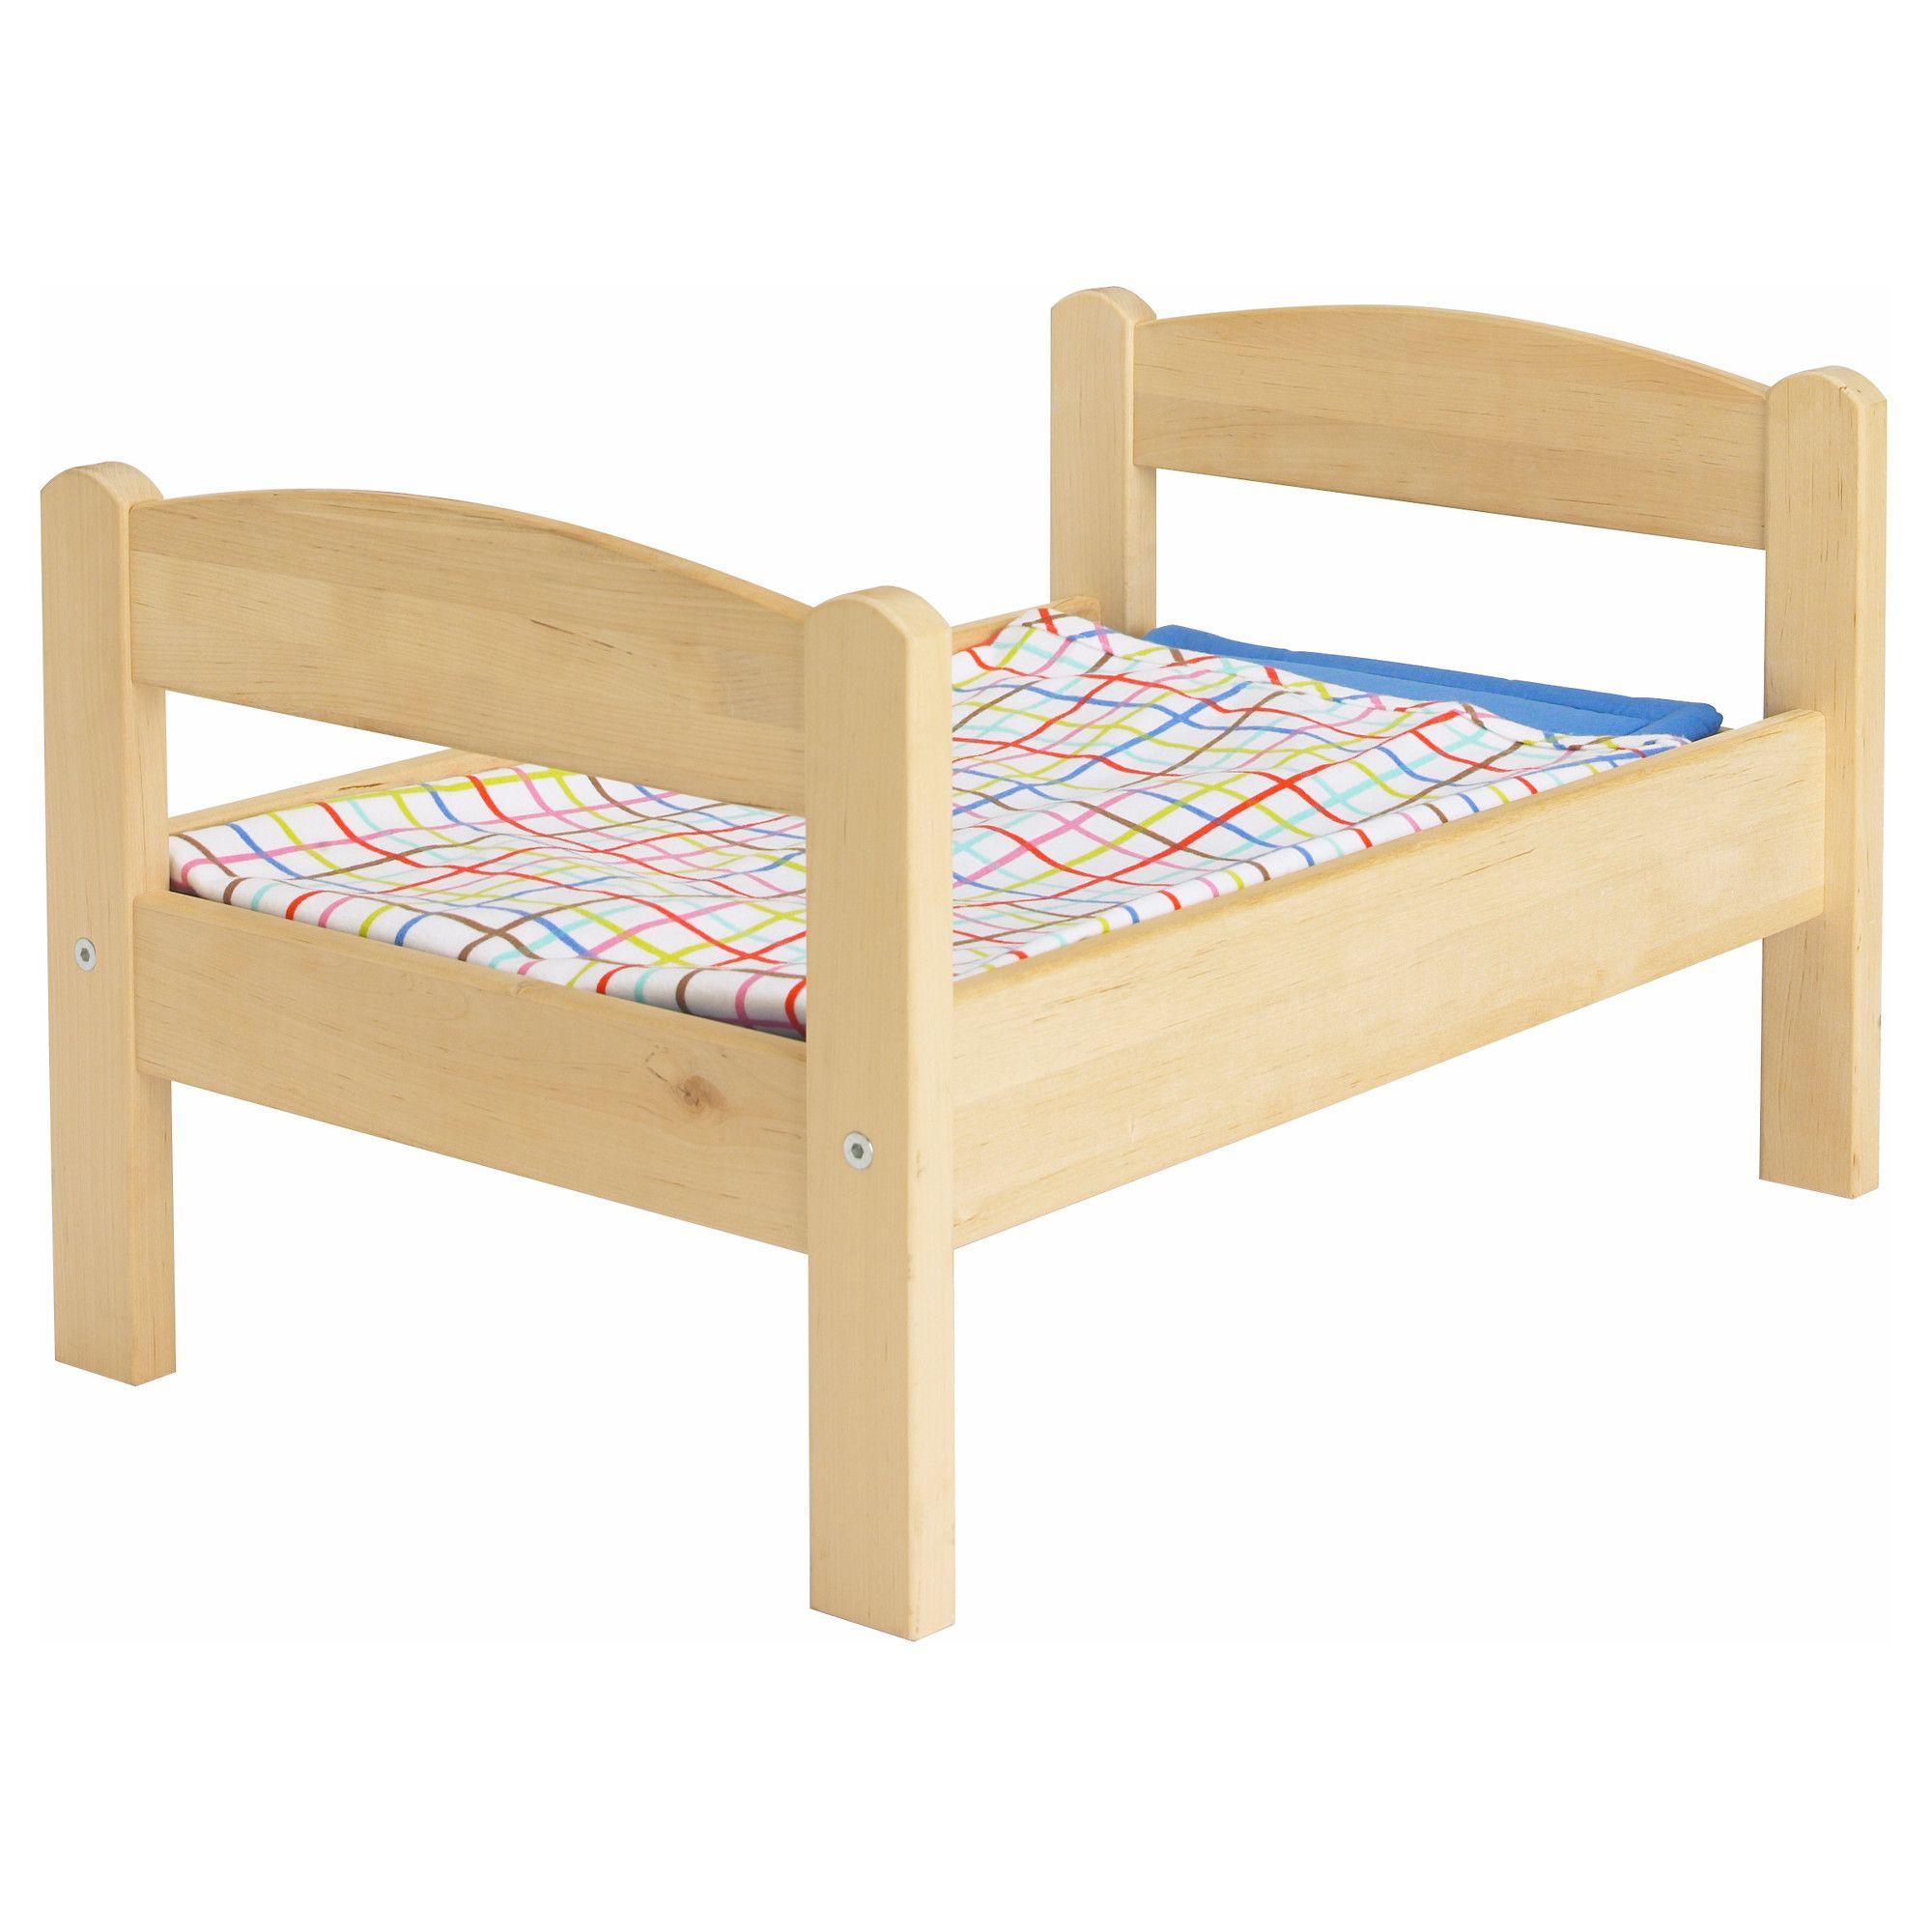 duktig lit poup e linge de lit pin multicolore ikea le jeux et jouets en bois. Black Bedroom Furniture Sets. Home Design Ideas